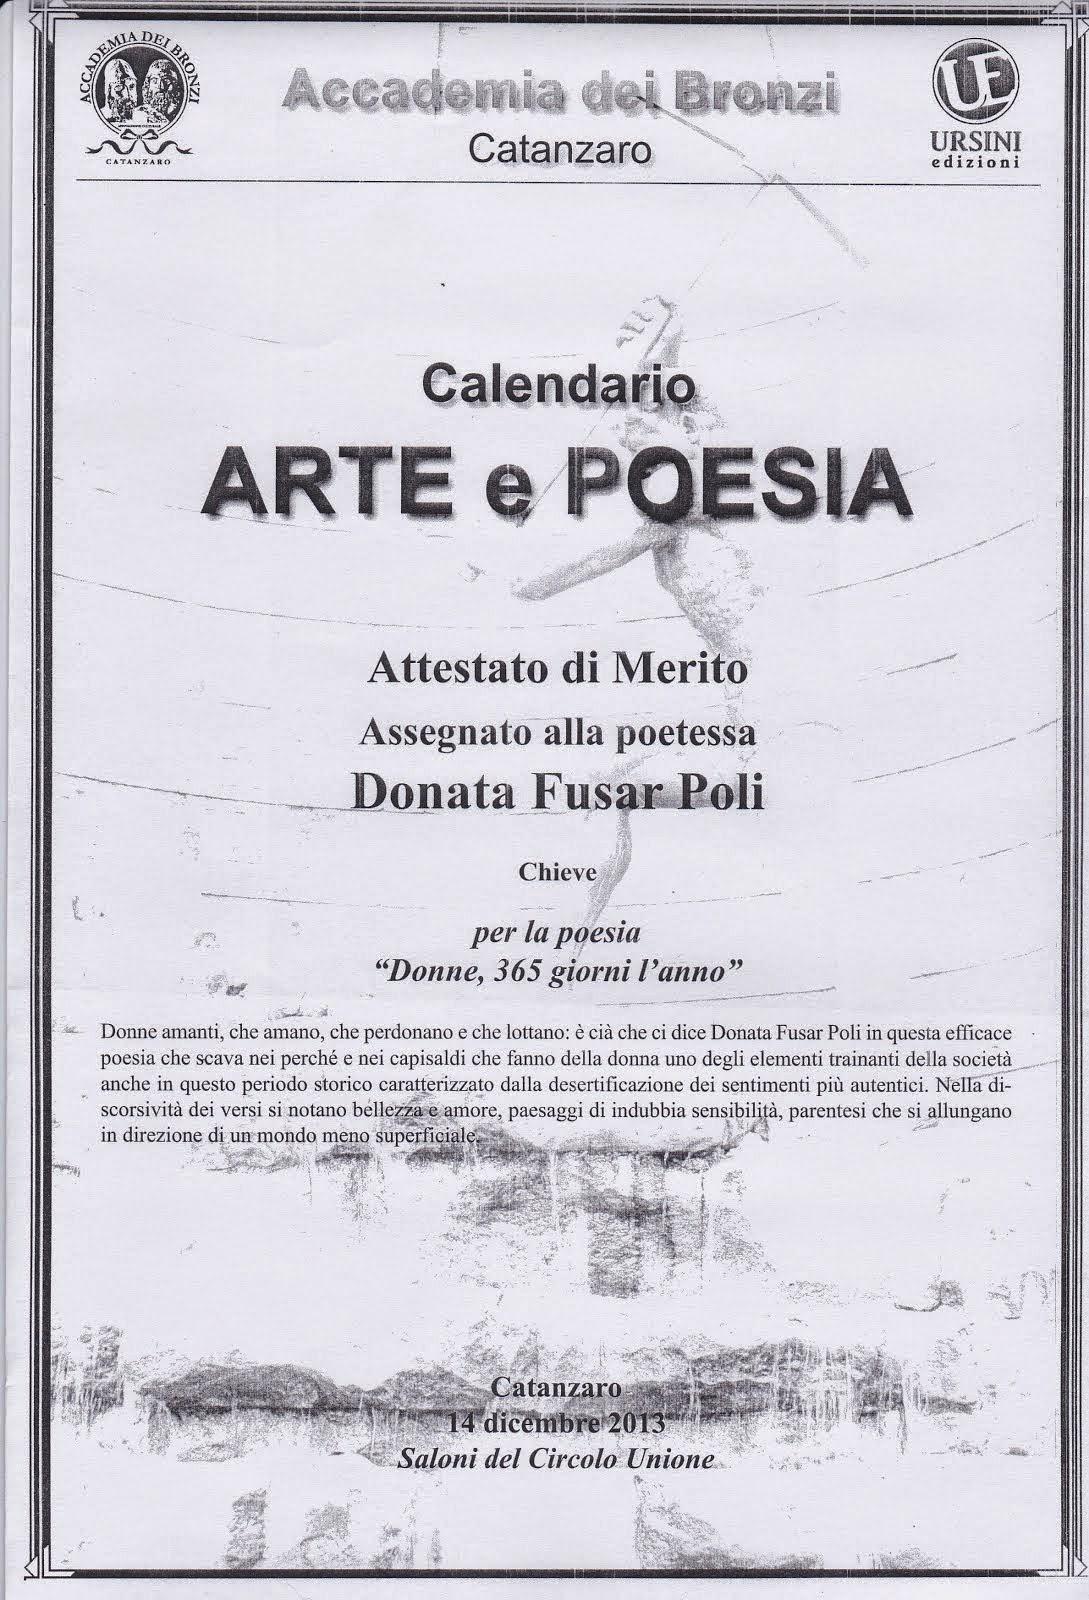 Accademia dei Bronzi - Ursini Editore - Catanzaro